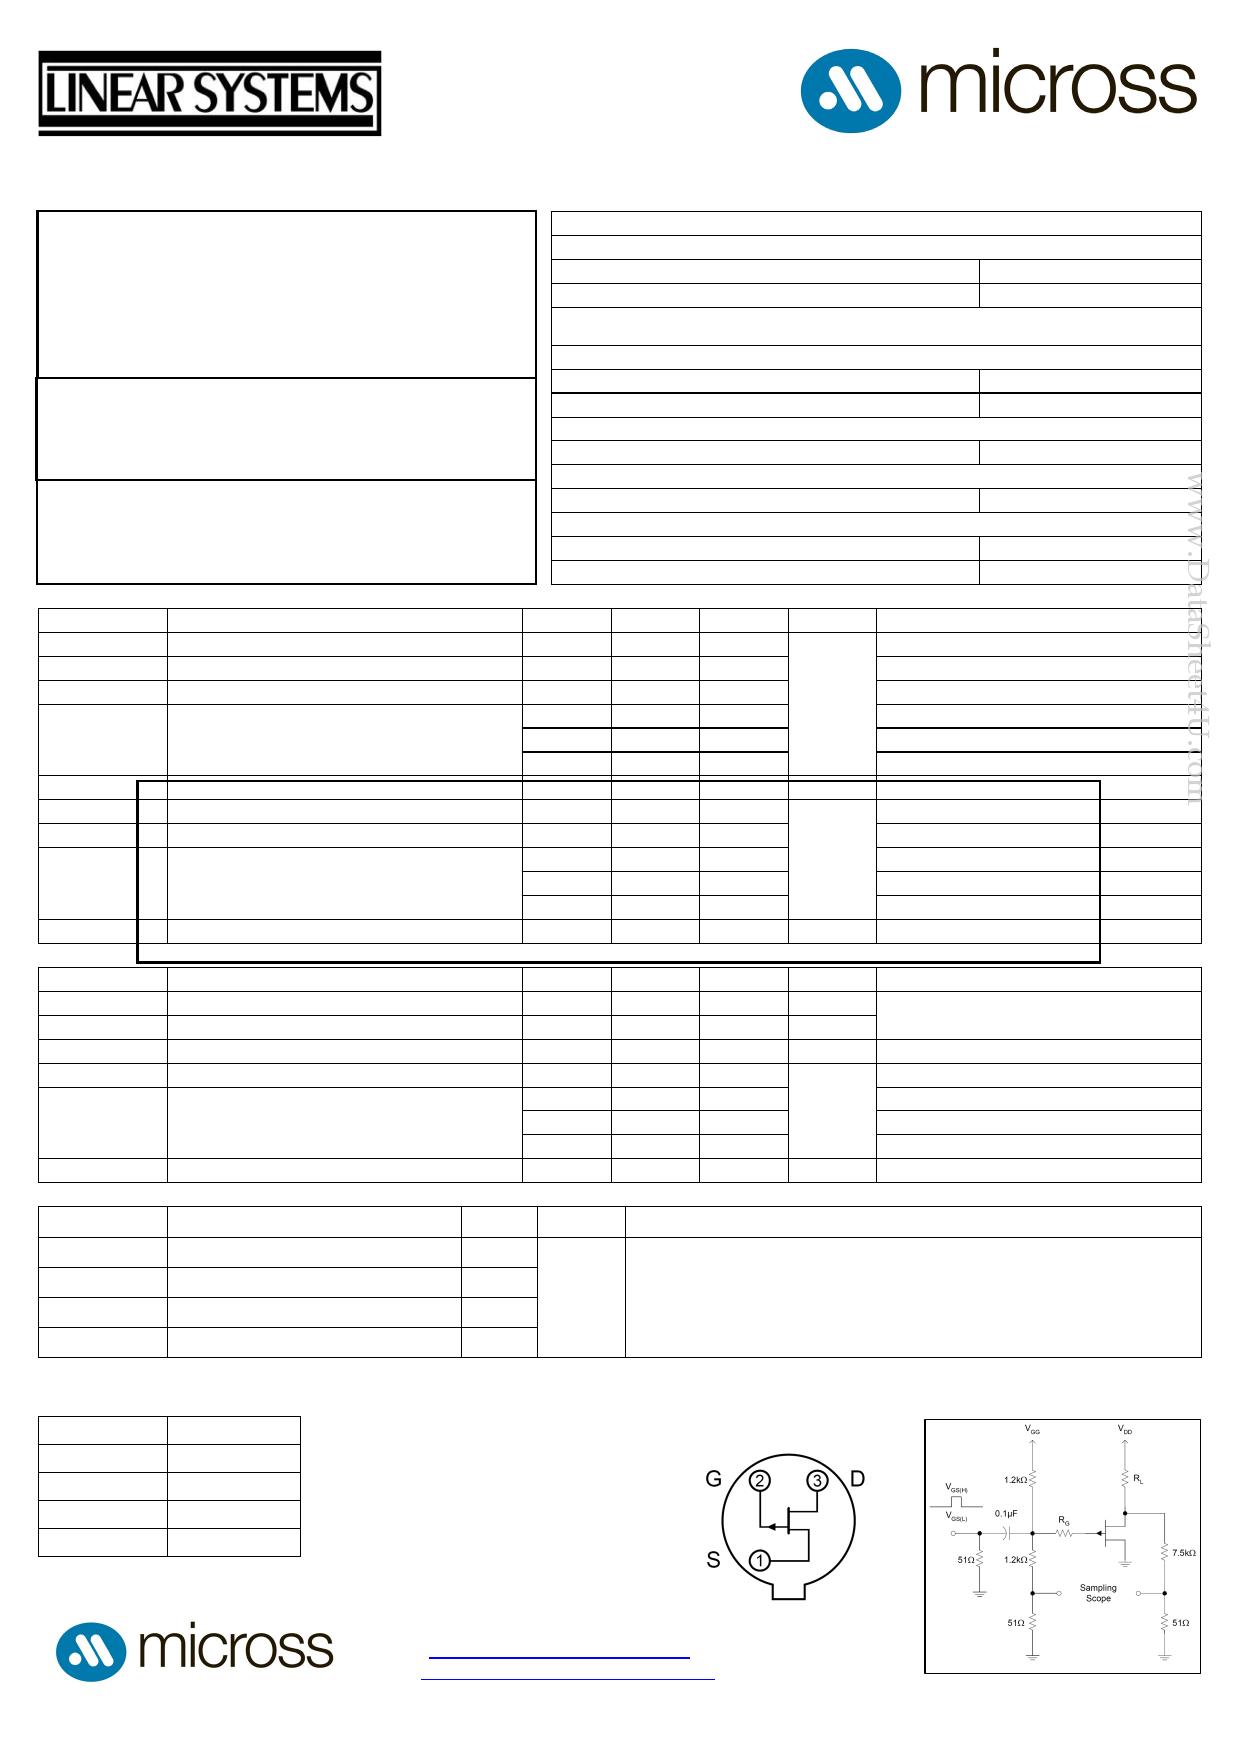 2N5114 Datasheet, 2N5114 PDF,ピン配置, 機能